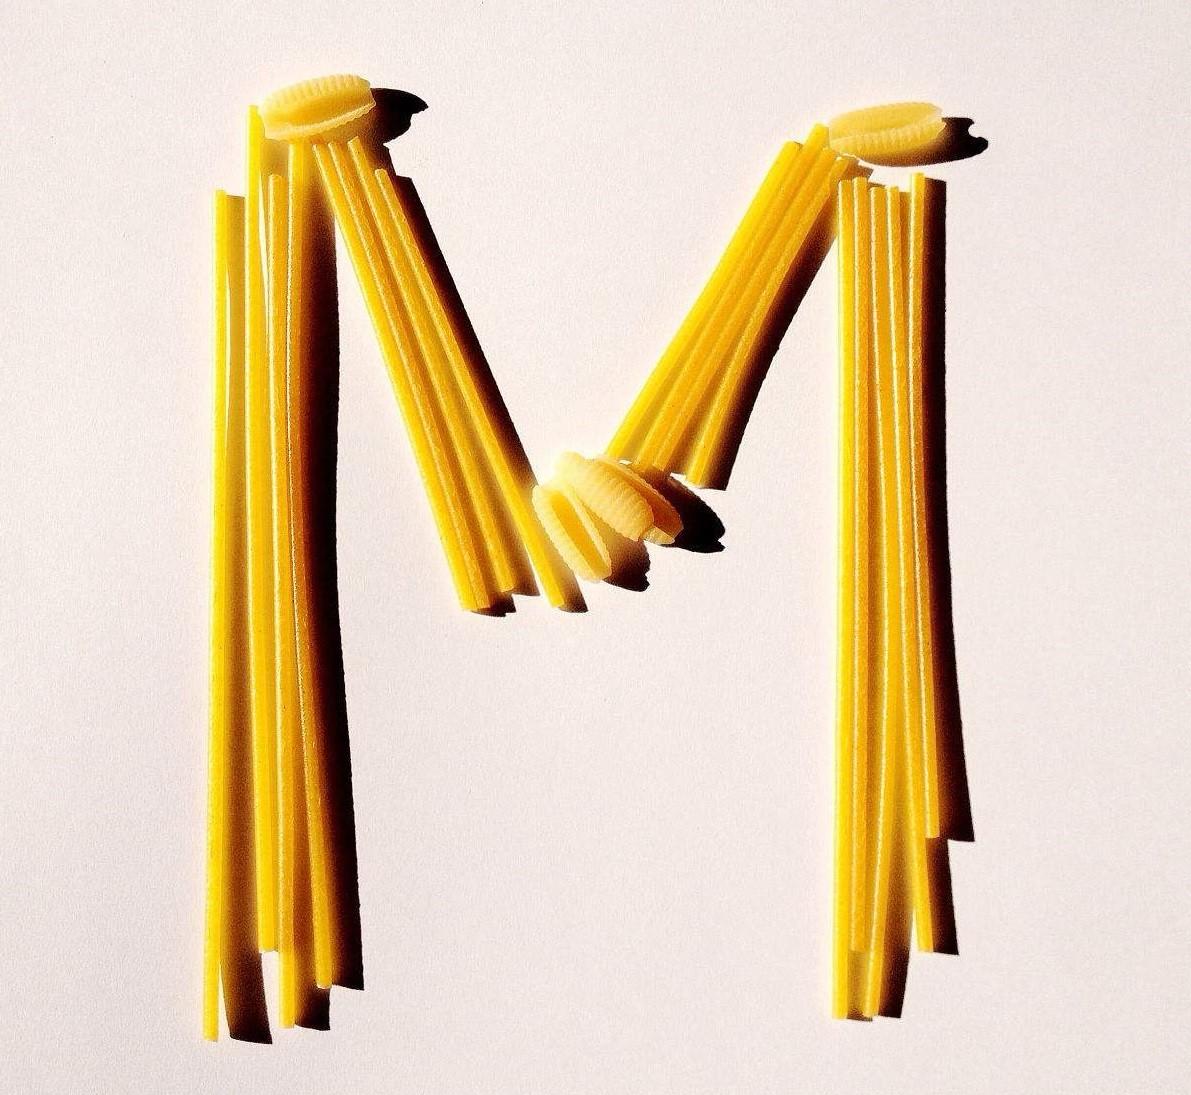 感动生命的故事开头_急需M开头的单词,要积极向上的。_百度知道